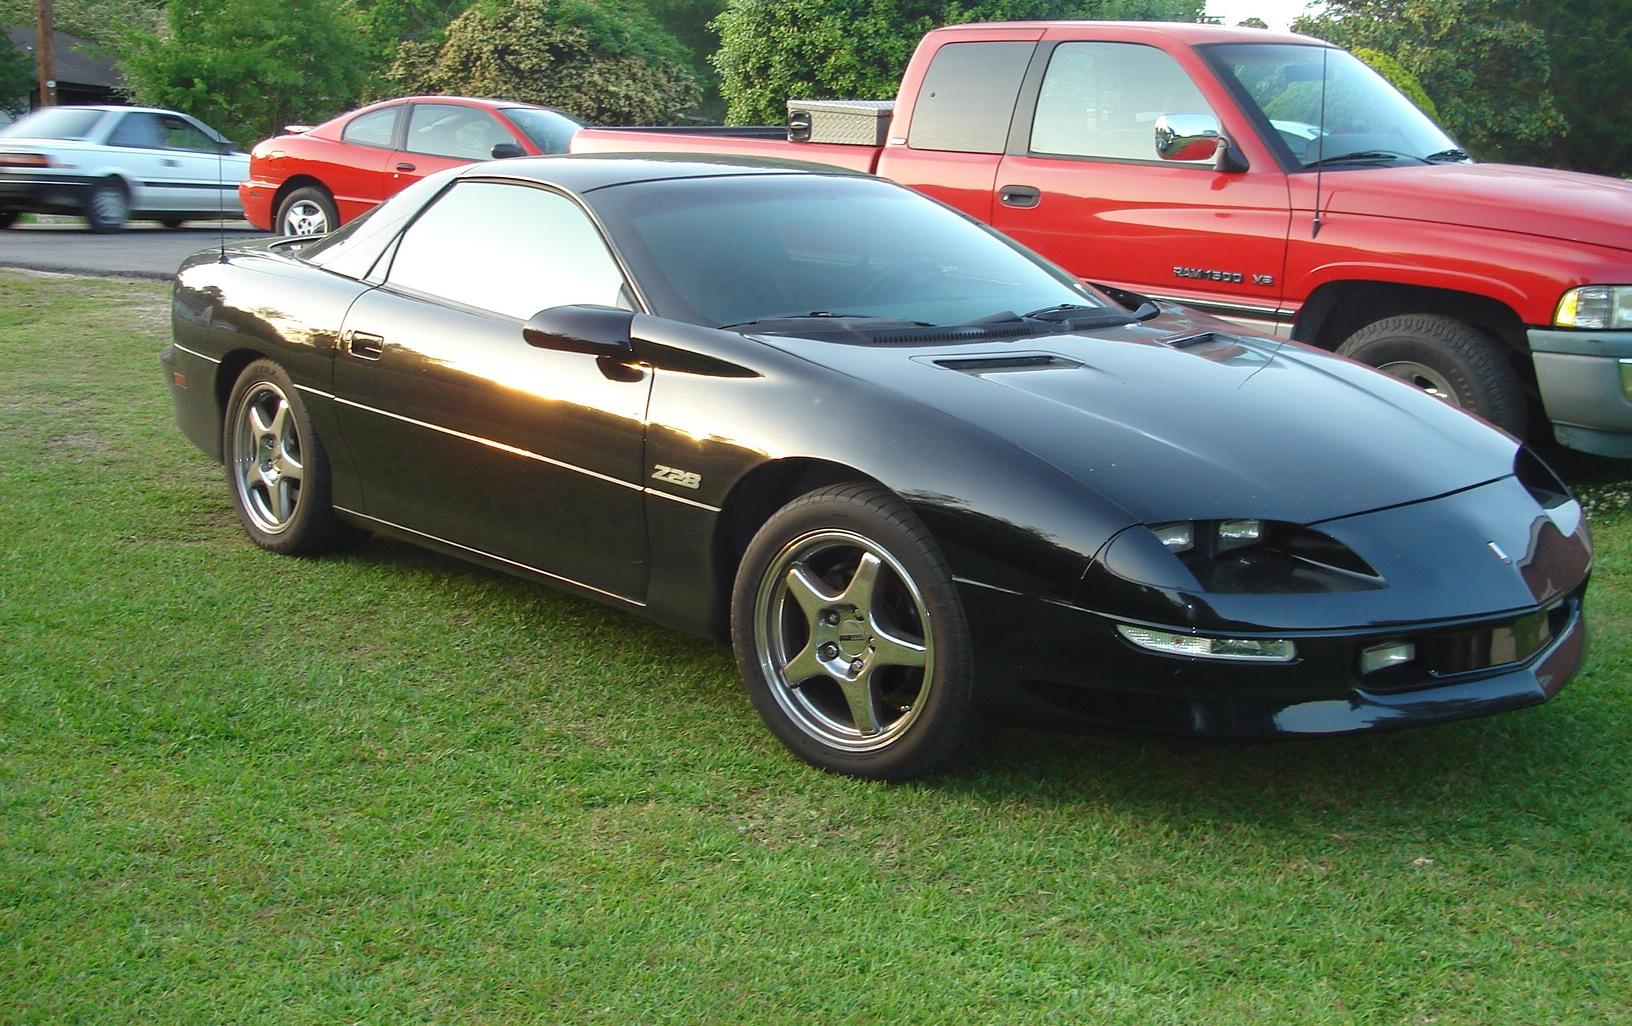 1994 Chevrolet Camaro Coupe Photo 6